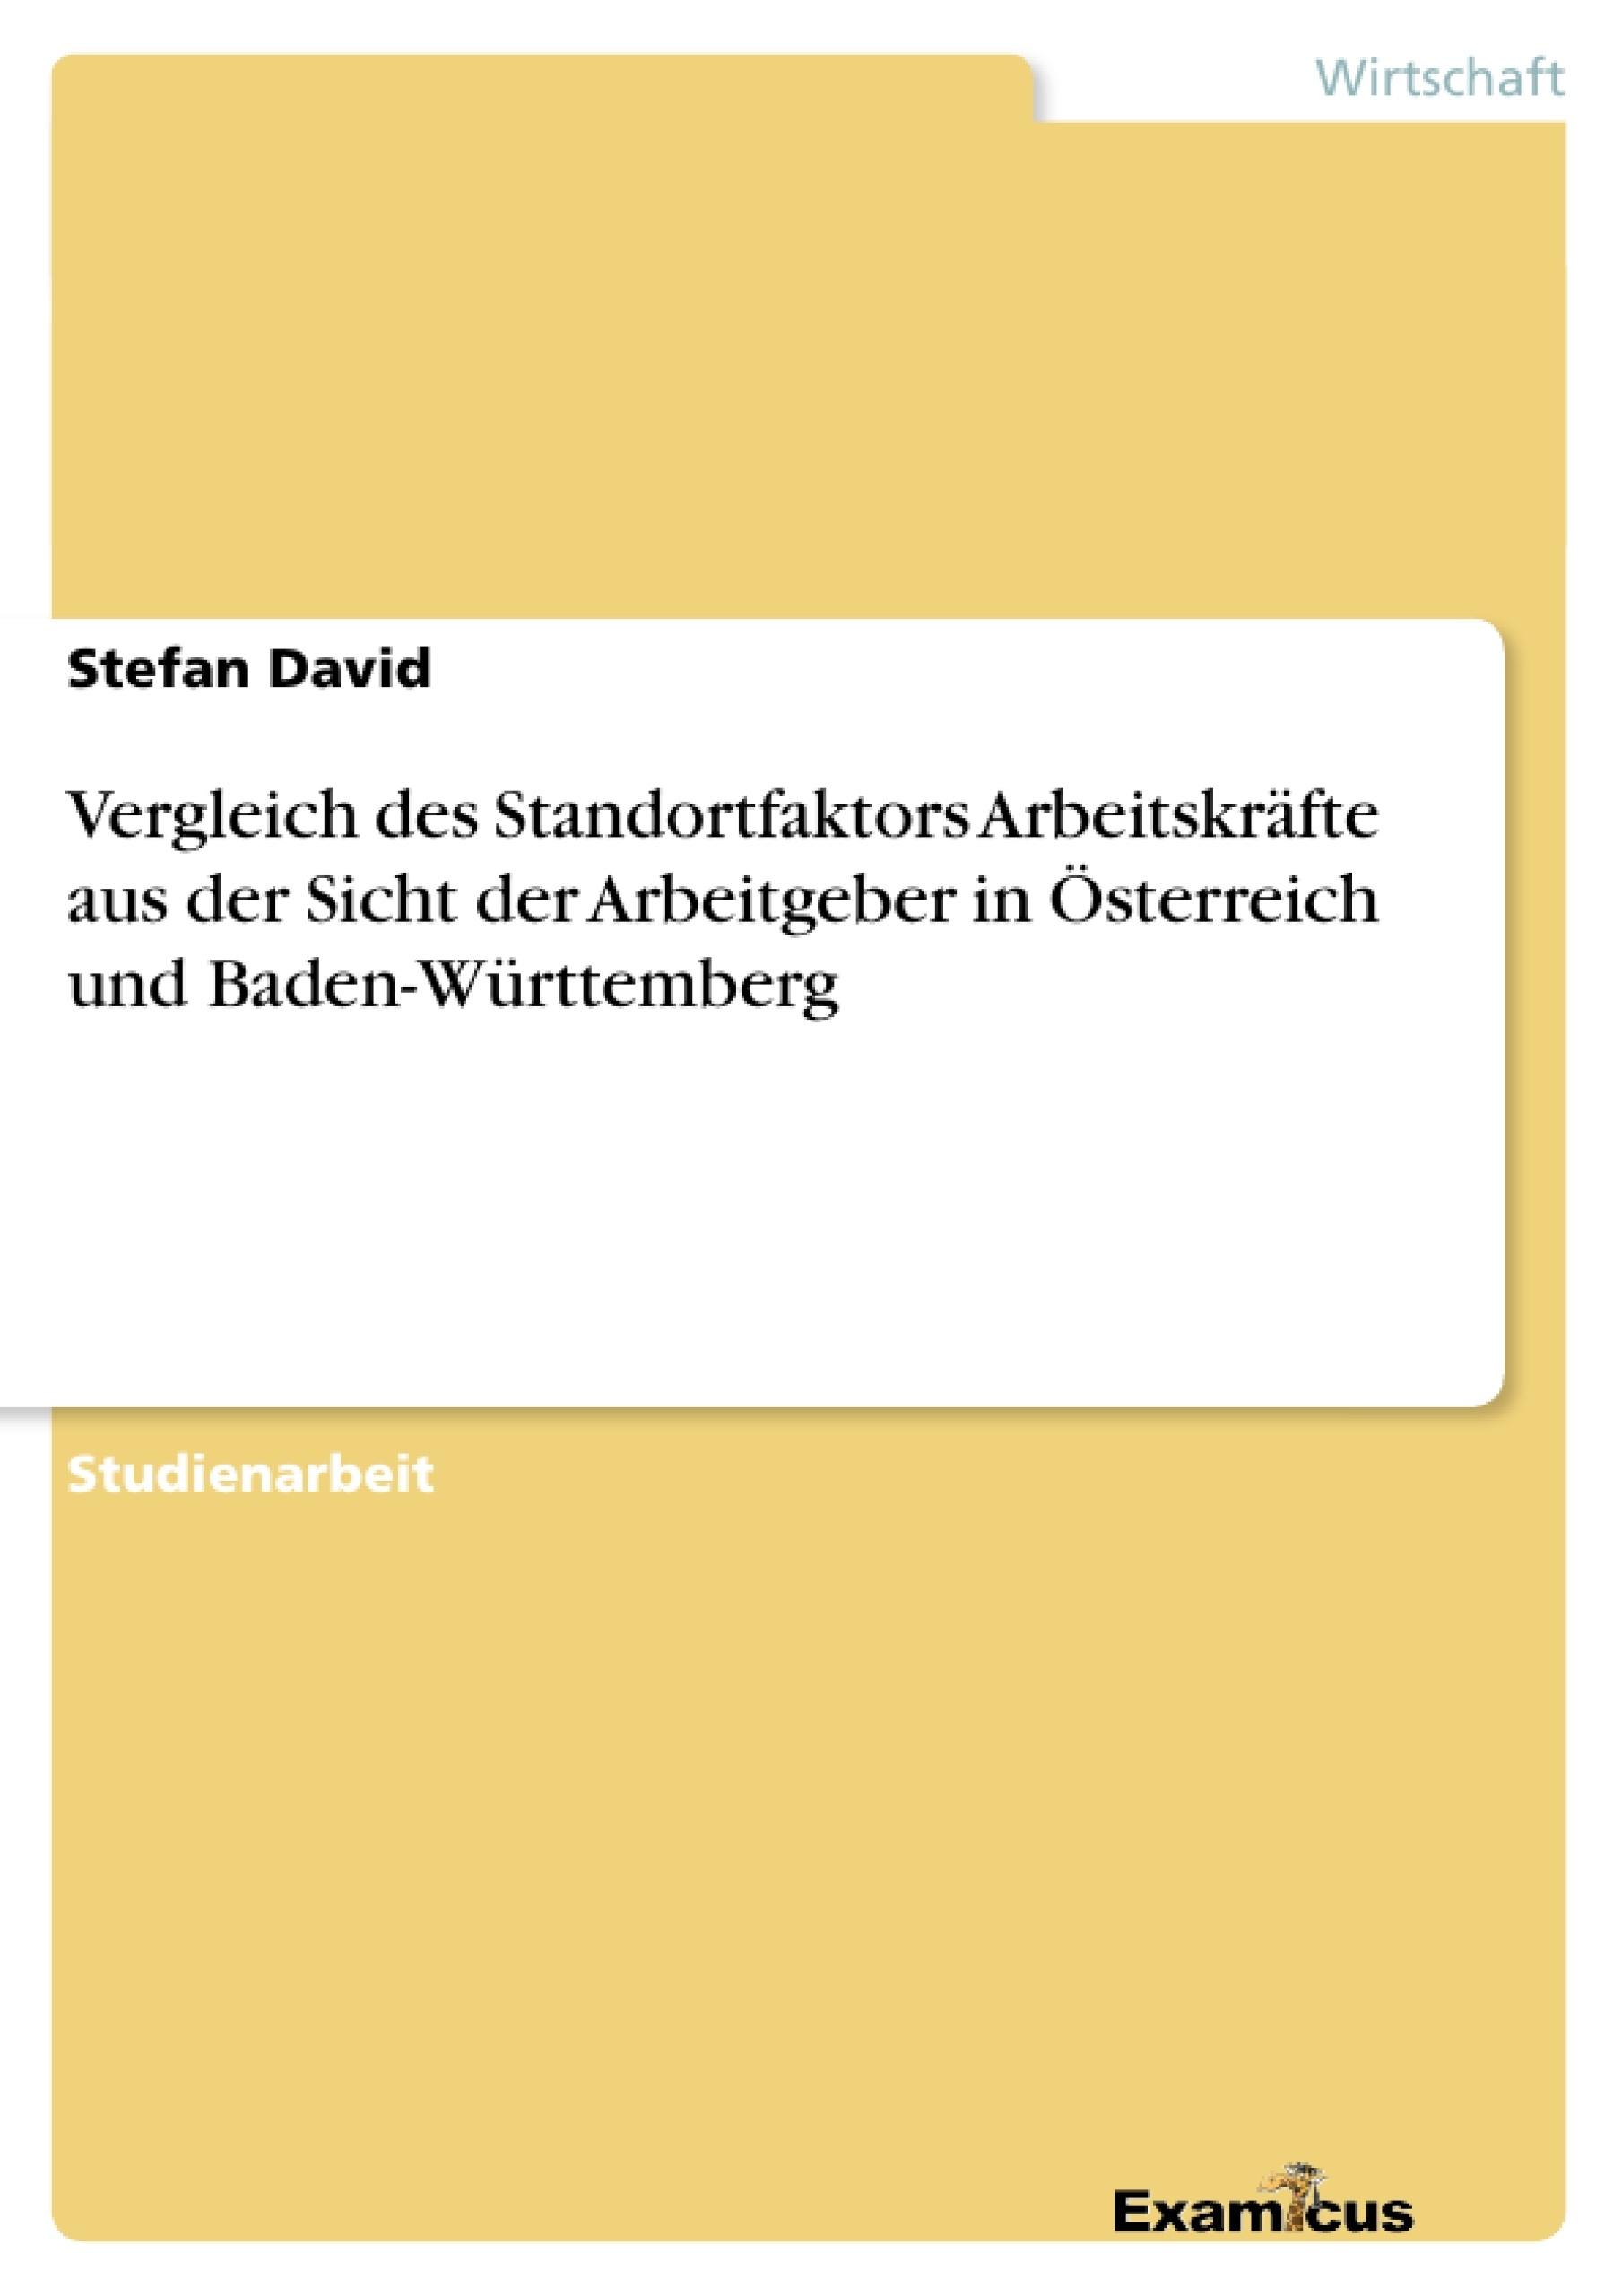 Titel: Vergleich des Standortfaktors Arbeitskräfte aus der Sicht der Arbeitgeber in Österreich und Baden-Württemberg